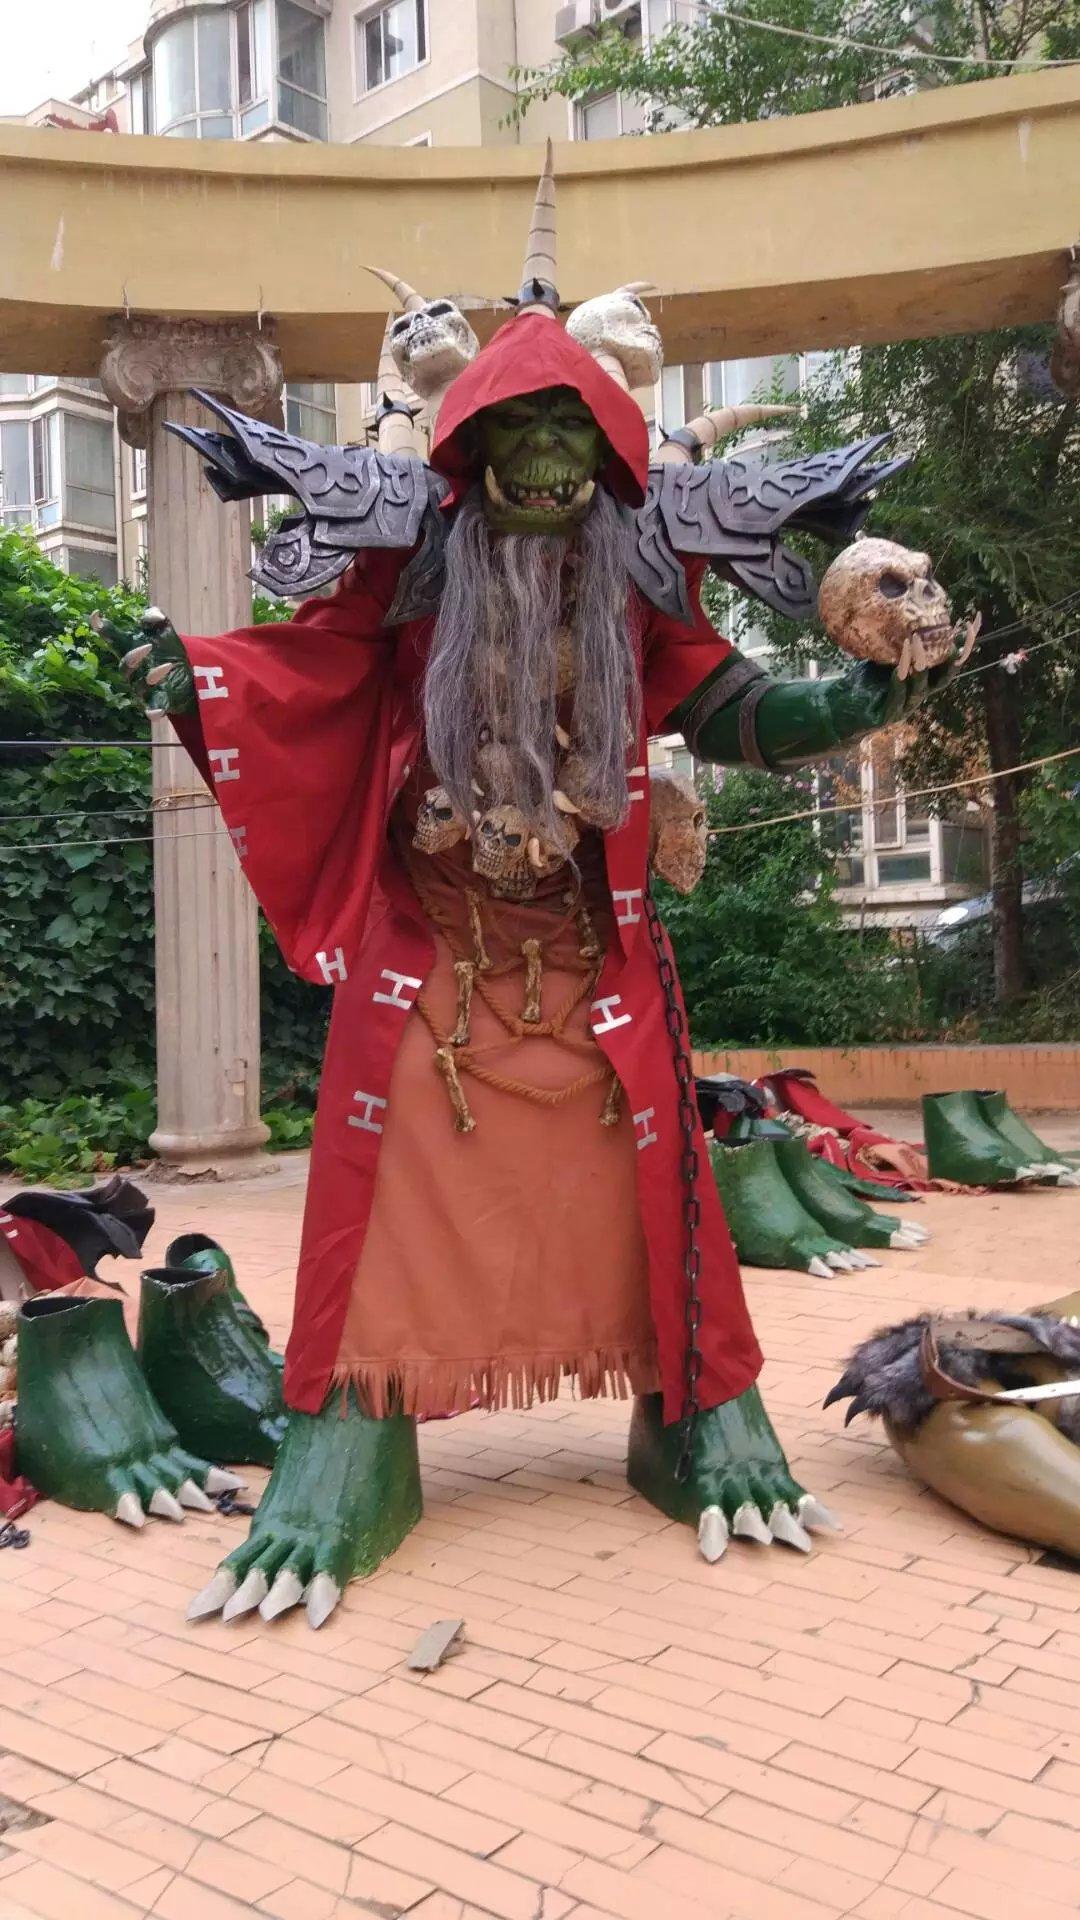 魔兽世界wow魔兽争霸2米高兽人古尔丹cosplay服装道具魔兽系列